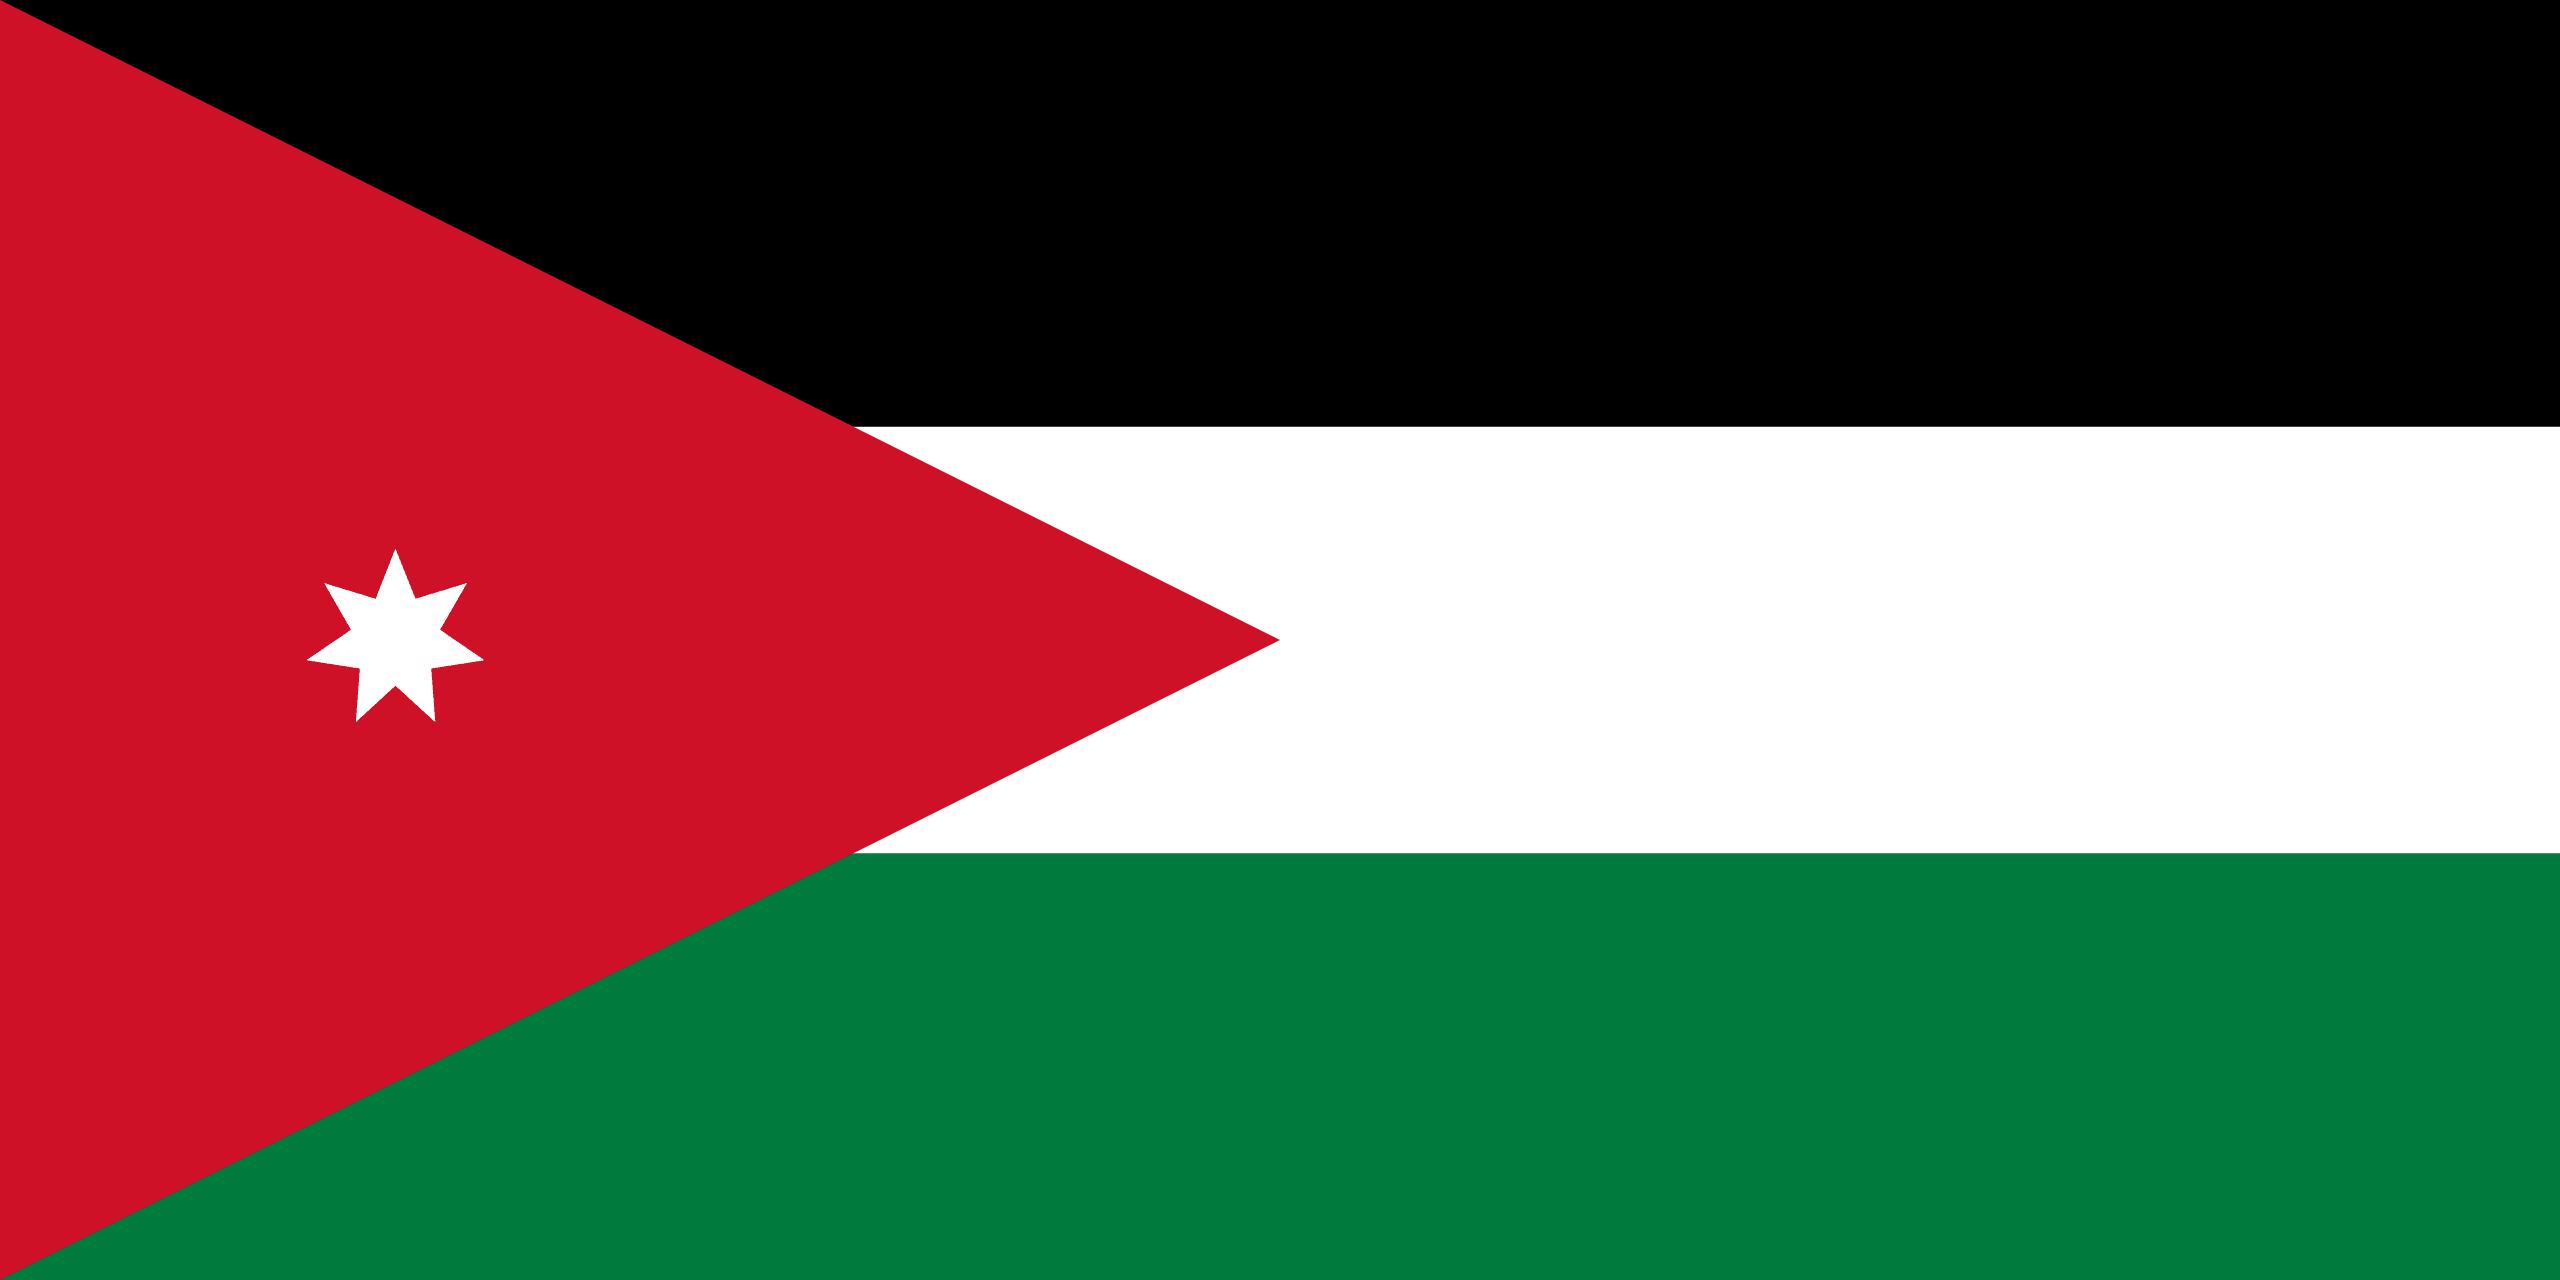 Ürdün'ün Başkenti ve Para Birimi Nedir? Ürdün'ün Bayrağı Nasıldır?